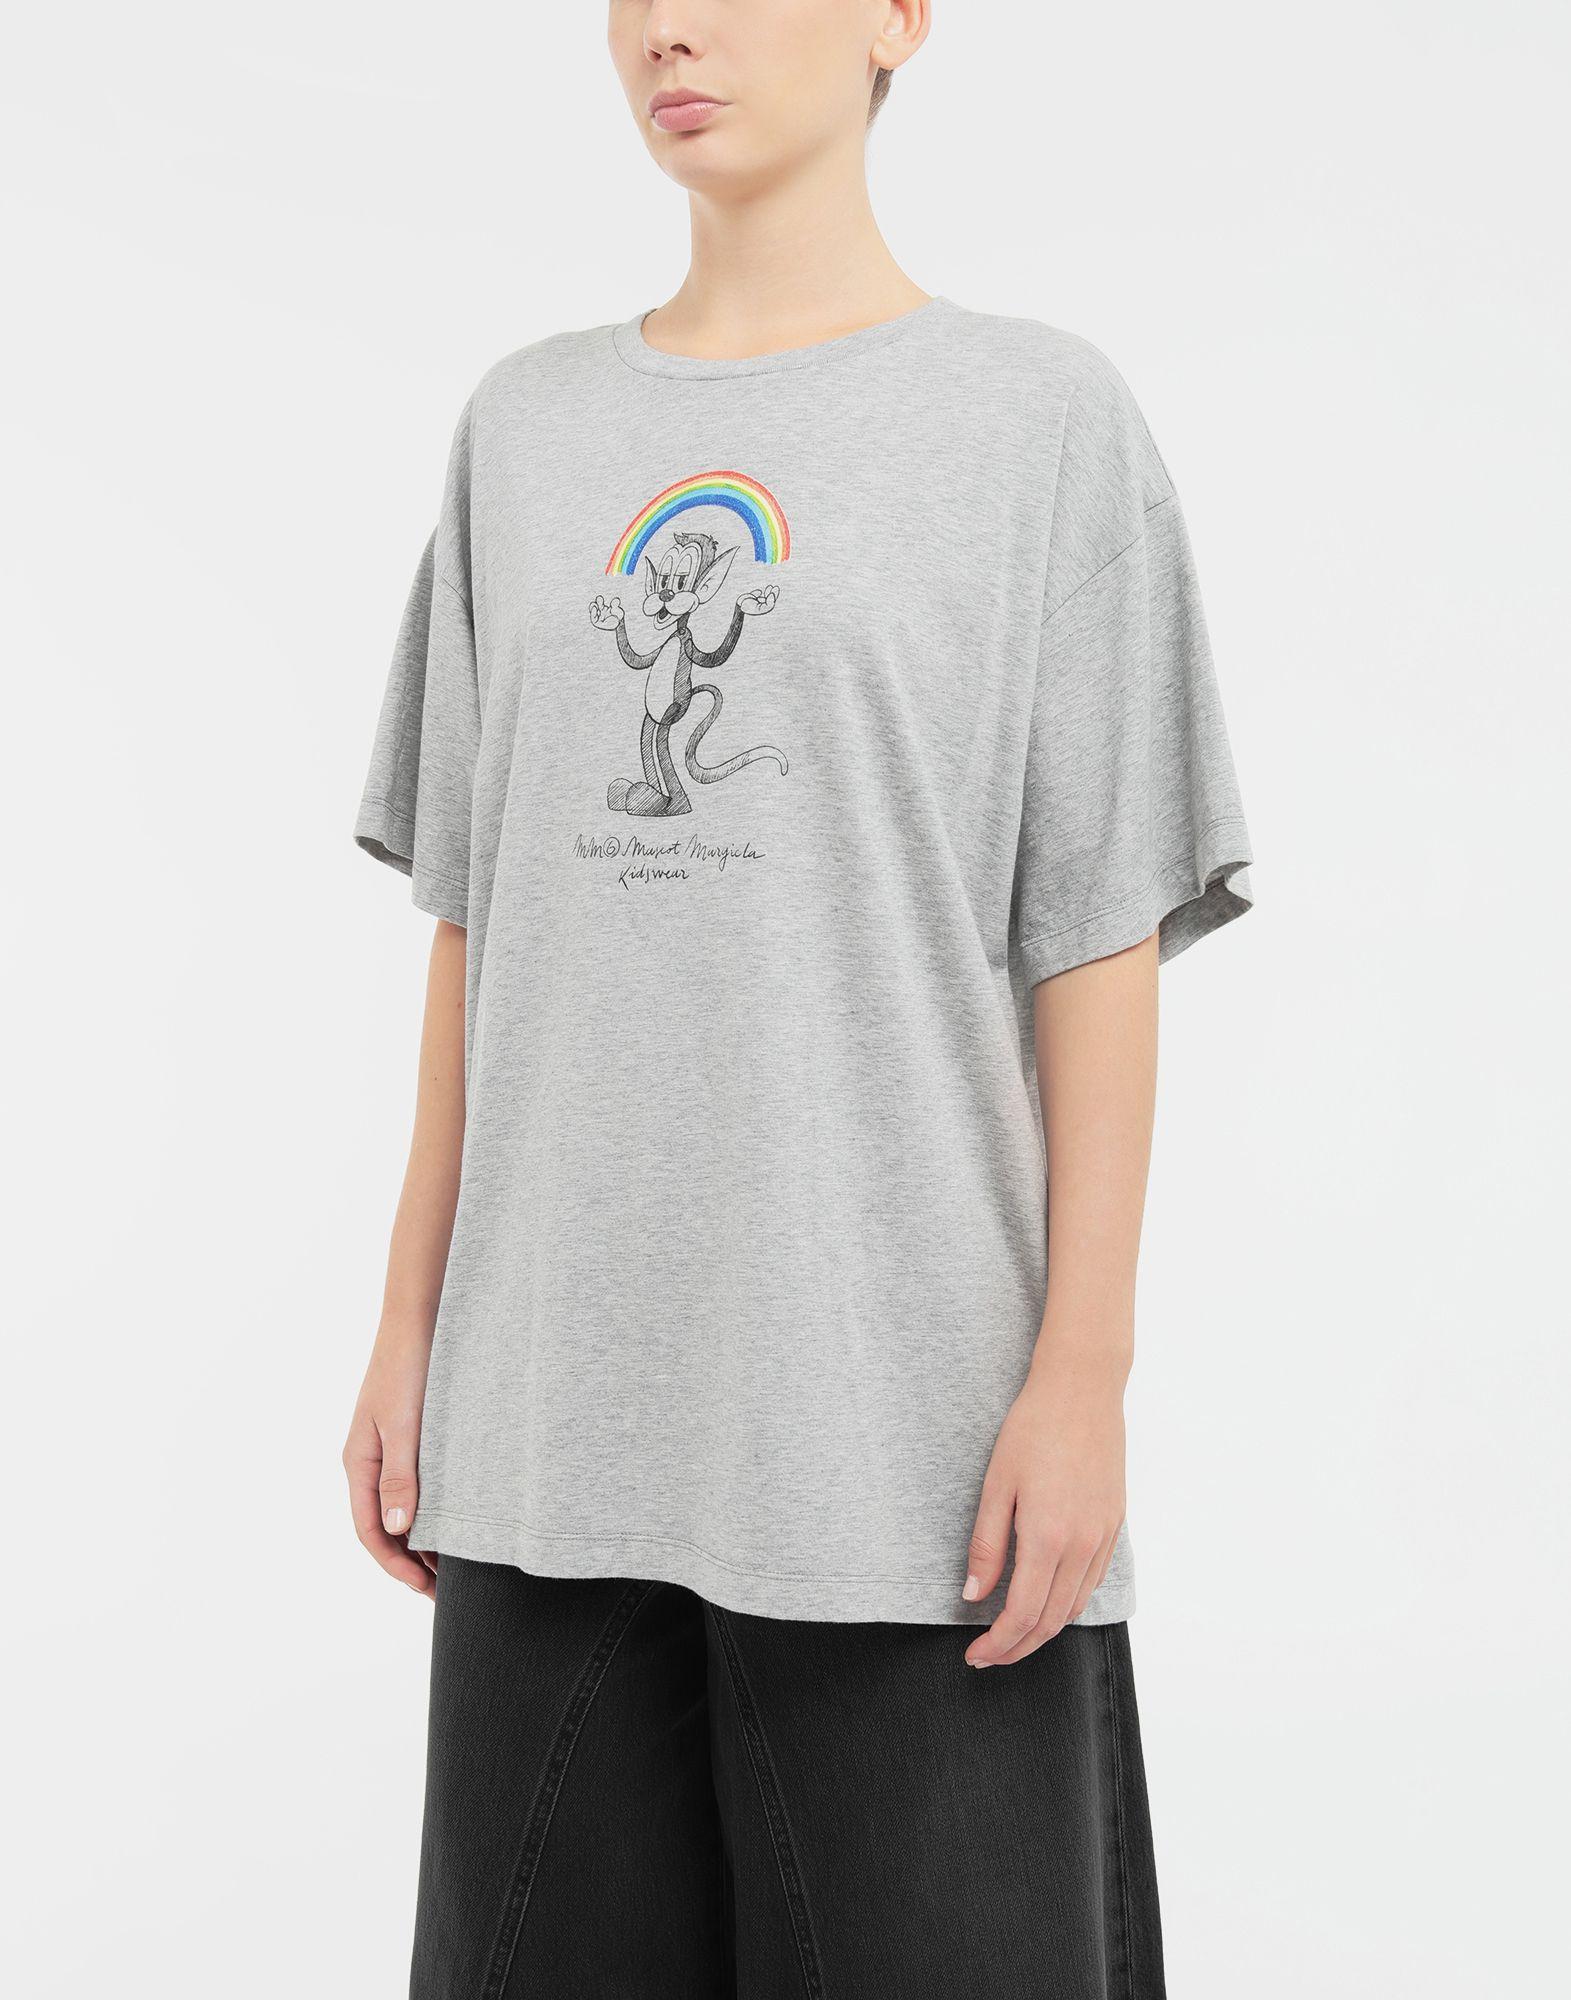 MM6 MAISON MARGIELA Rainbowmaker print T-shirt Short sleeve t-shirt Woman r